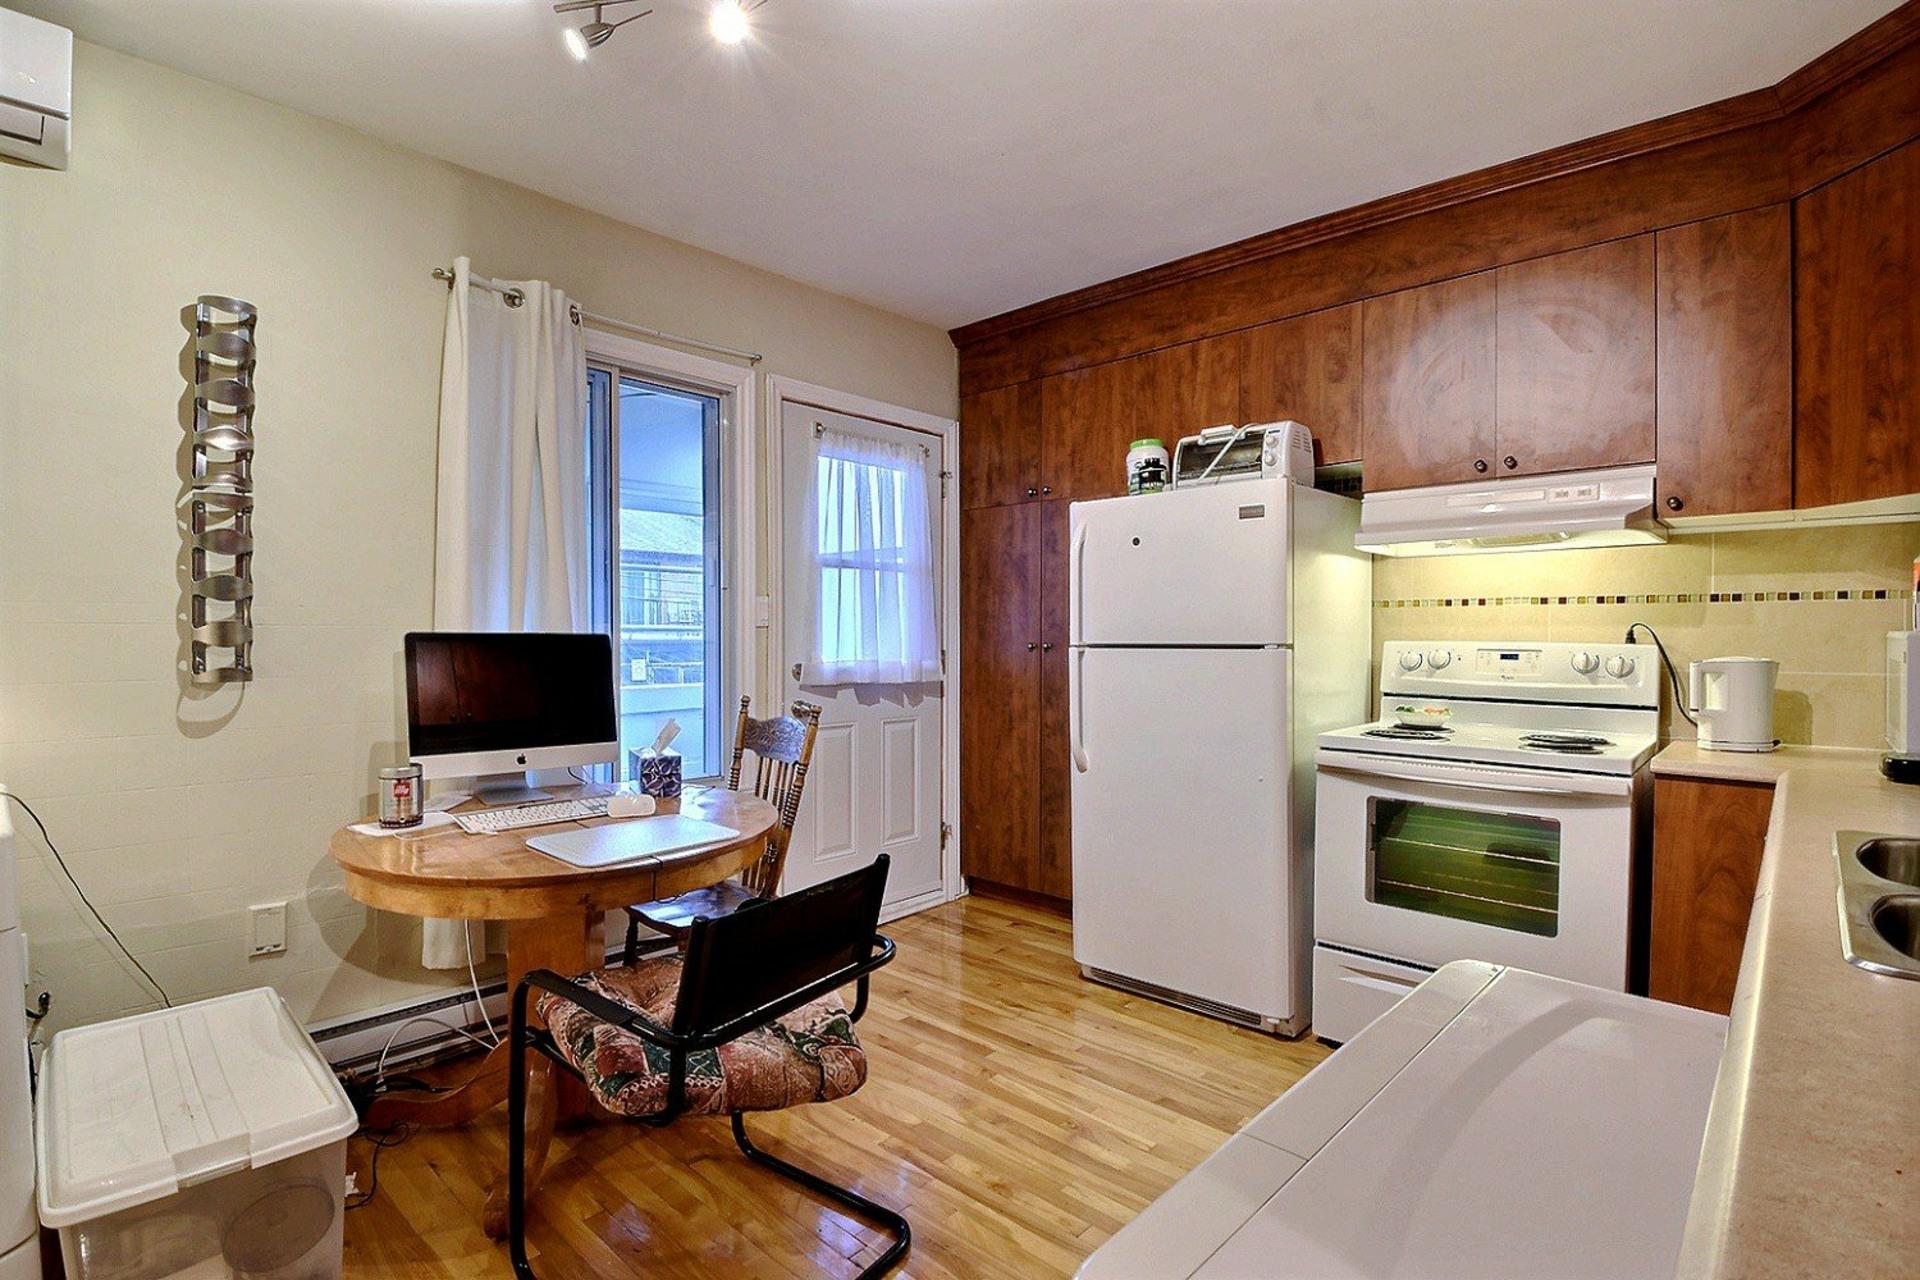 image 14 - Duplex For sale Lachine Montréal  - 6 rooms